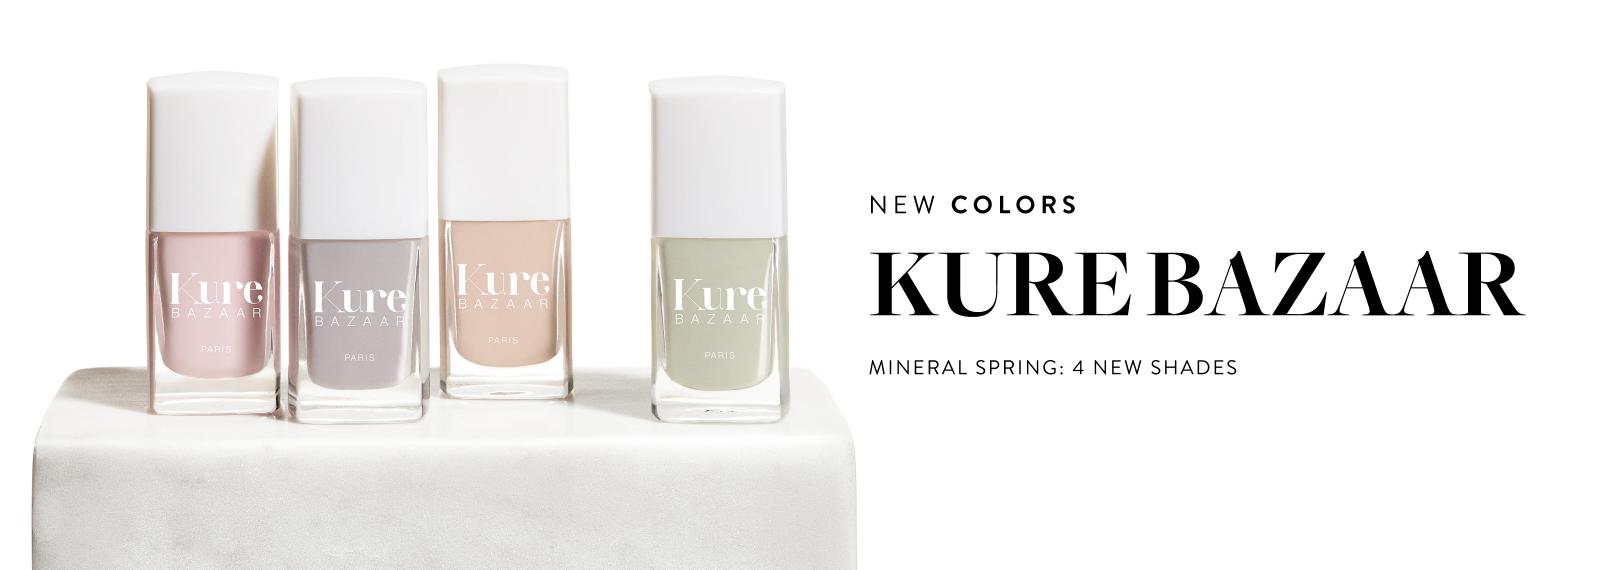 New - KURE BAZAAR - Spring Colors